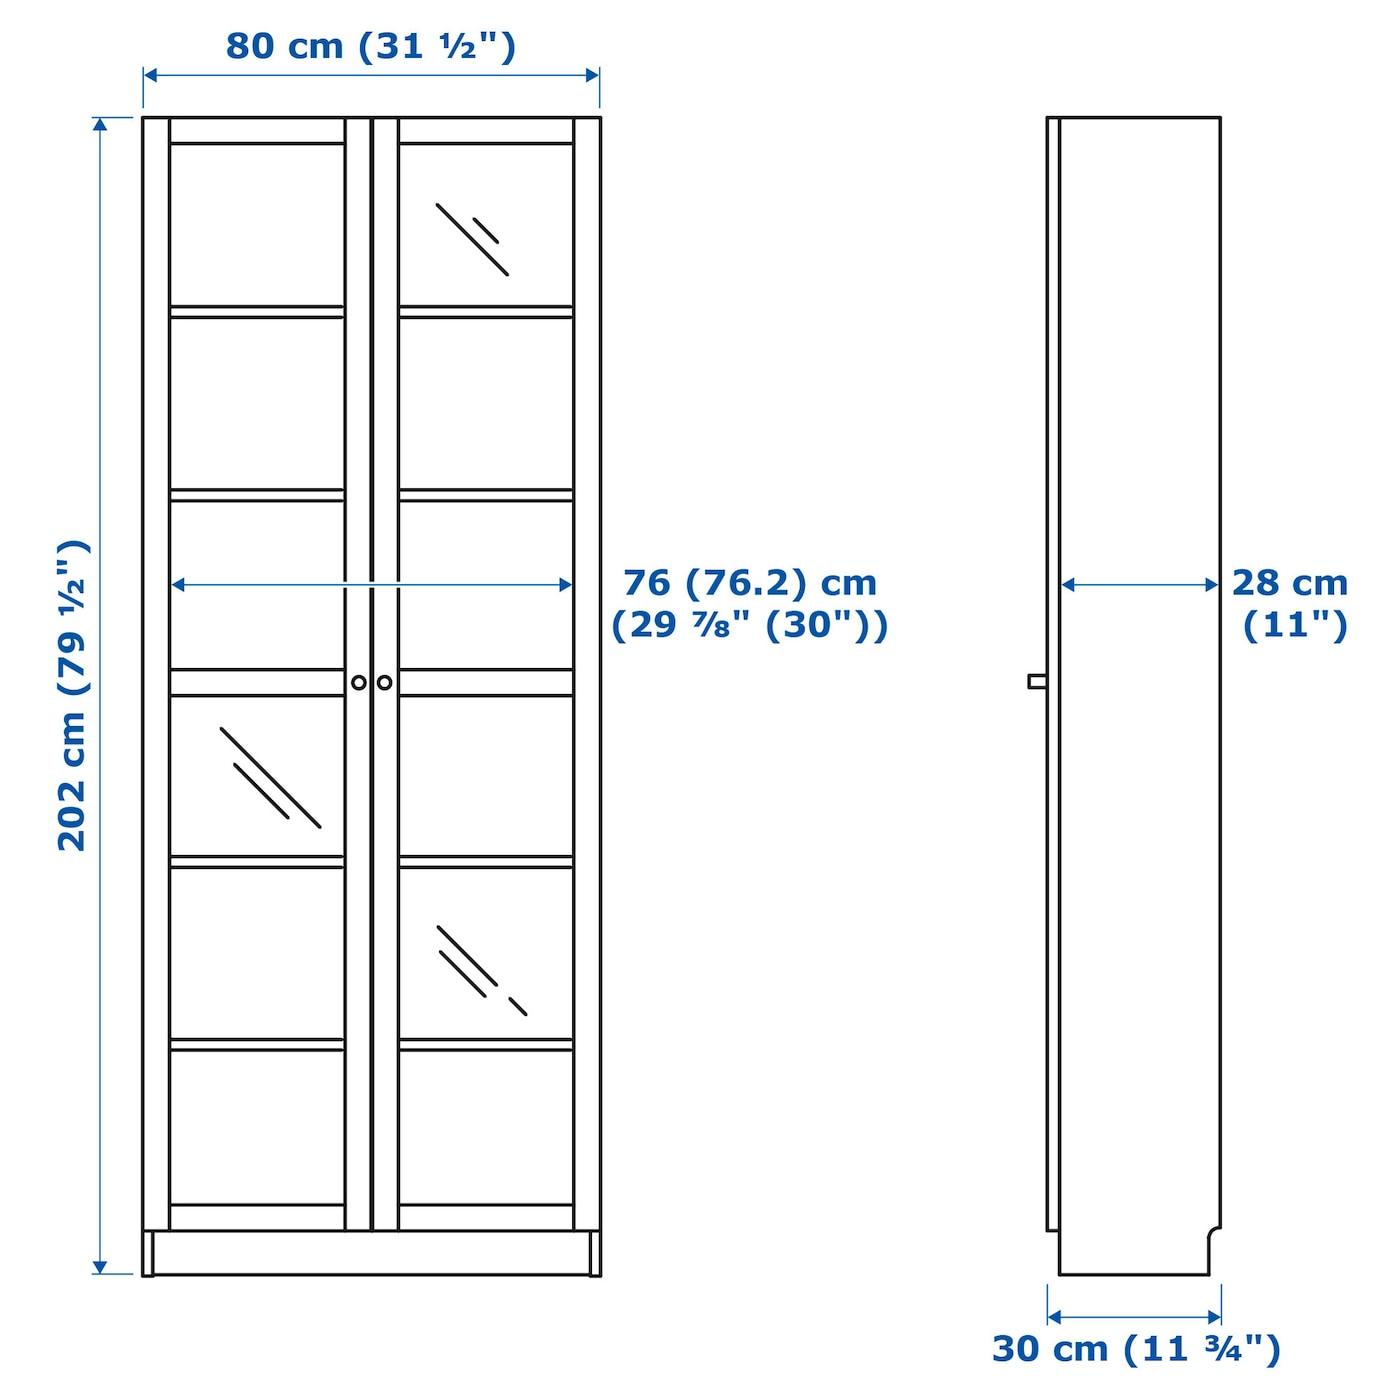 ikea billy boekenkast met glazen deur verstelbare planken naar behoefte aan te passen